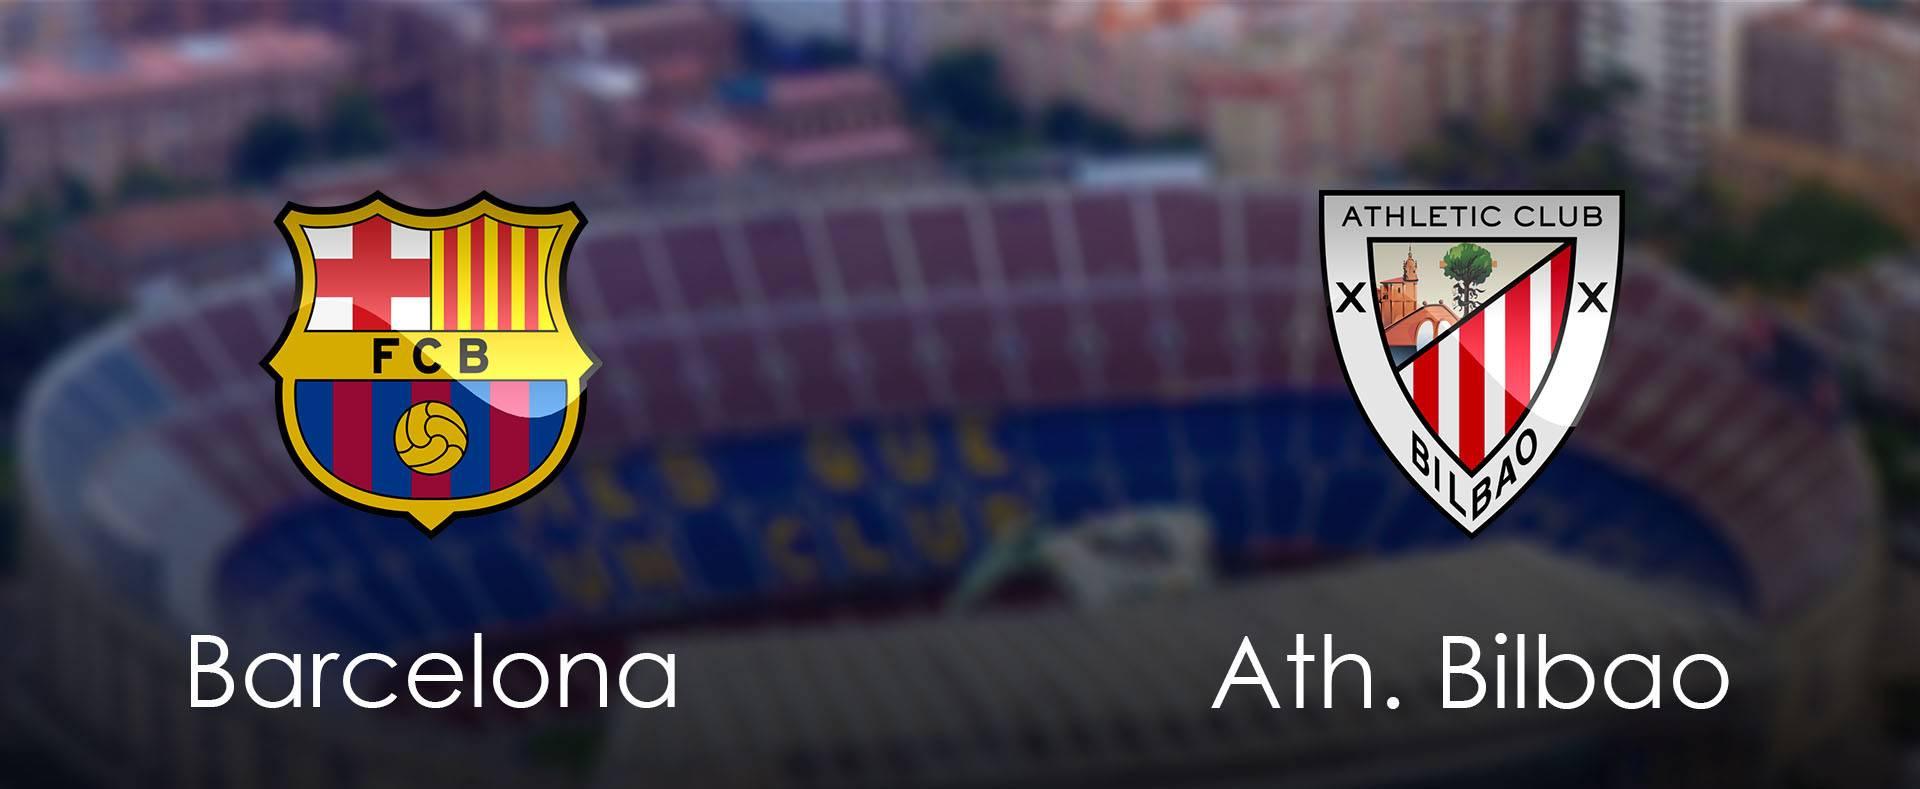 بازی اتلتیکو بیلبائو و بارسلونا,اخبار فوتبال,خبرهای فوتبال,اخبار فوتبال جهان